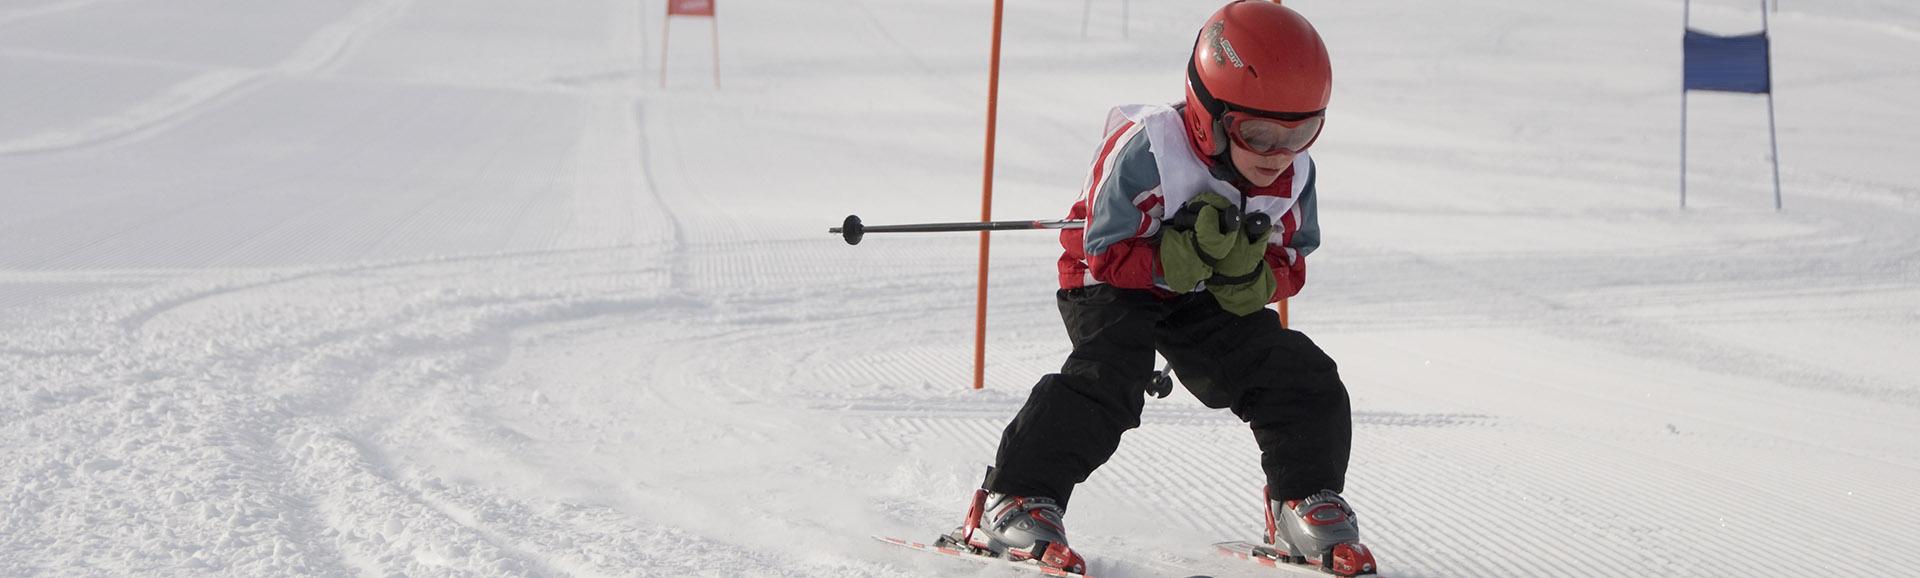 Alpine Race Team desktop image